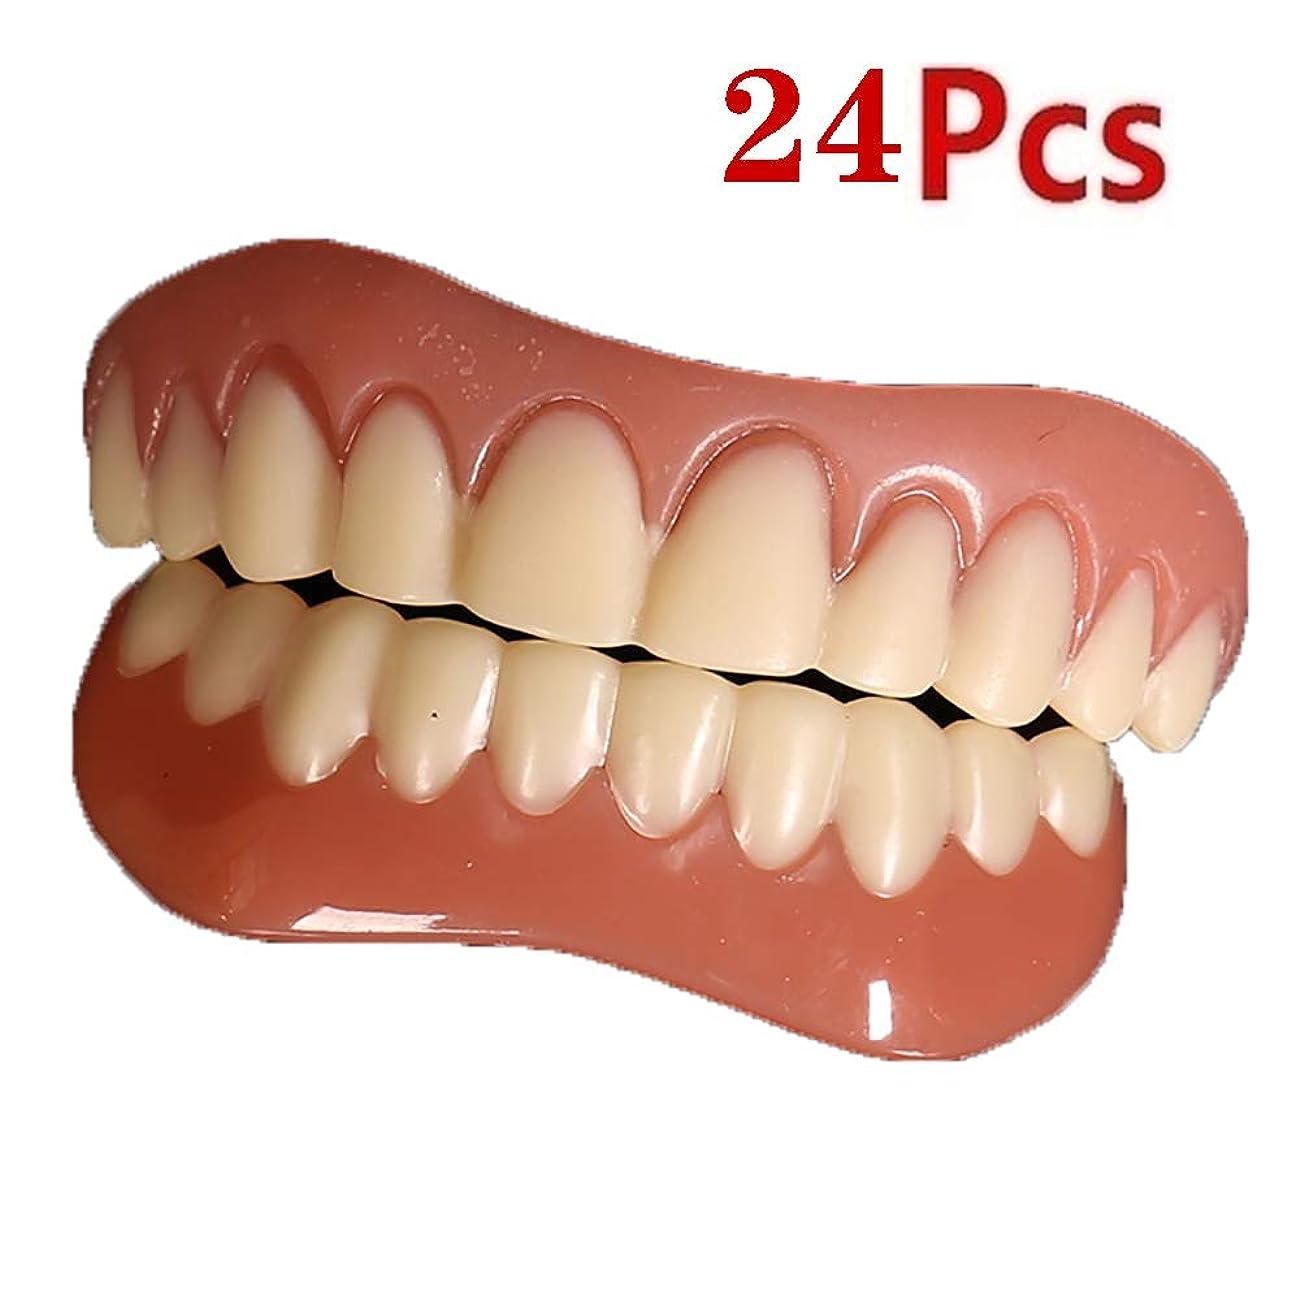 数字メンバーに関して12セット完璧な笑顔のベニヤダブ悪い歯のための歯の修正のための在庫で完璧な笑顔のベニヤ歯ホワイトニング